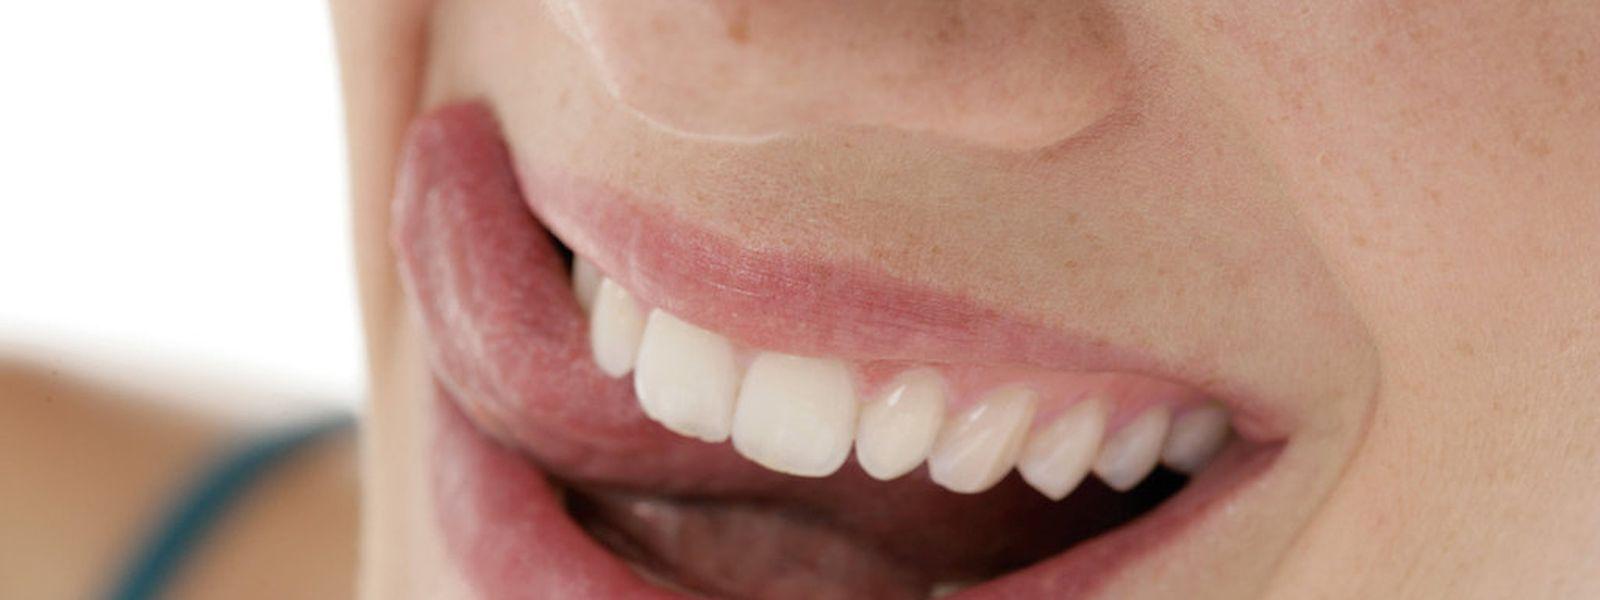 Eine professionelle Zahnreinigung vor Beginn einer Krebstherapie kann zur Minderung behandlungsbedingter Zahnbeschwerden beitragen.